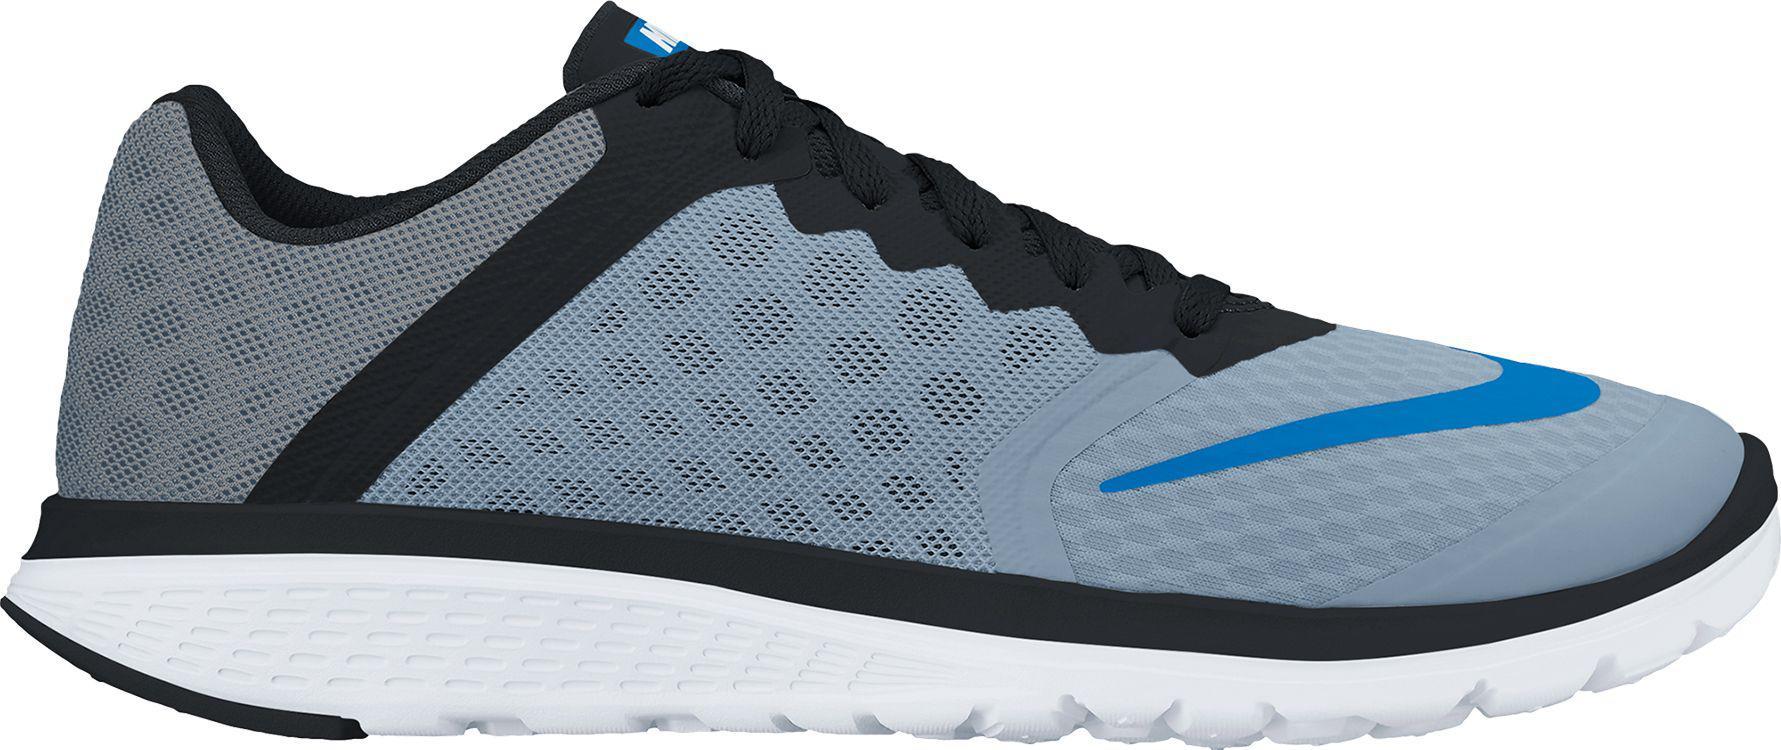 16250643087e58 Nike - Multicolor Fs Lite Run 3 Running Shoes for Men - Lyst